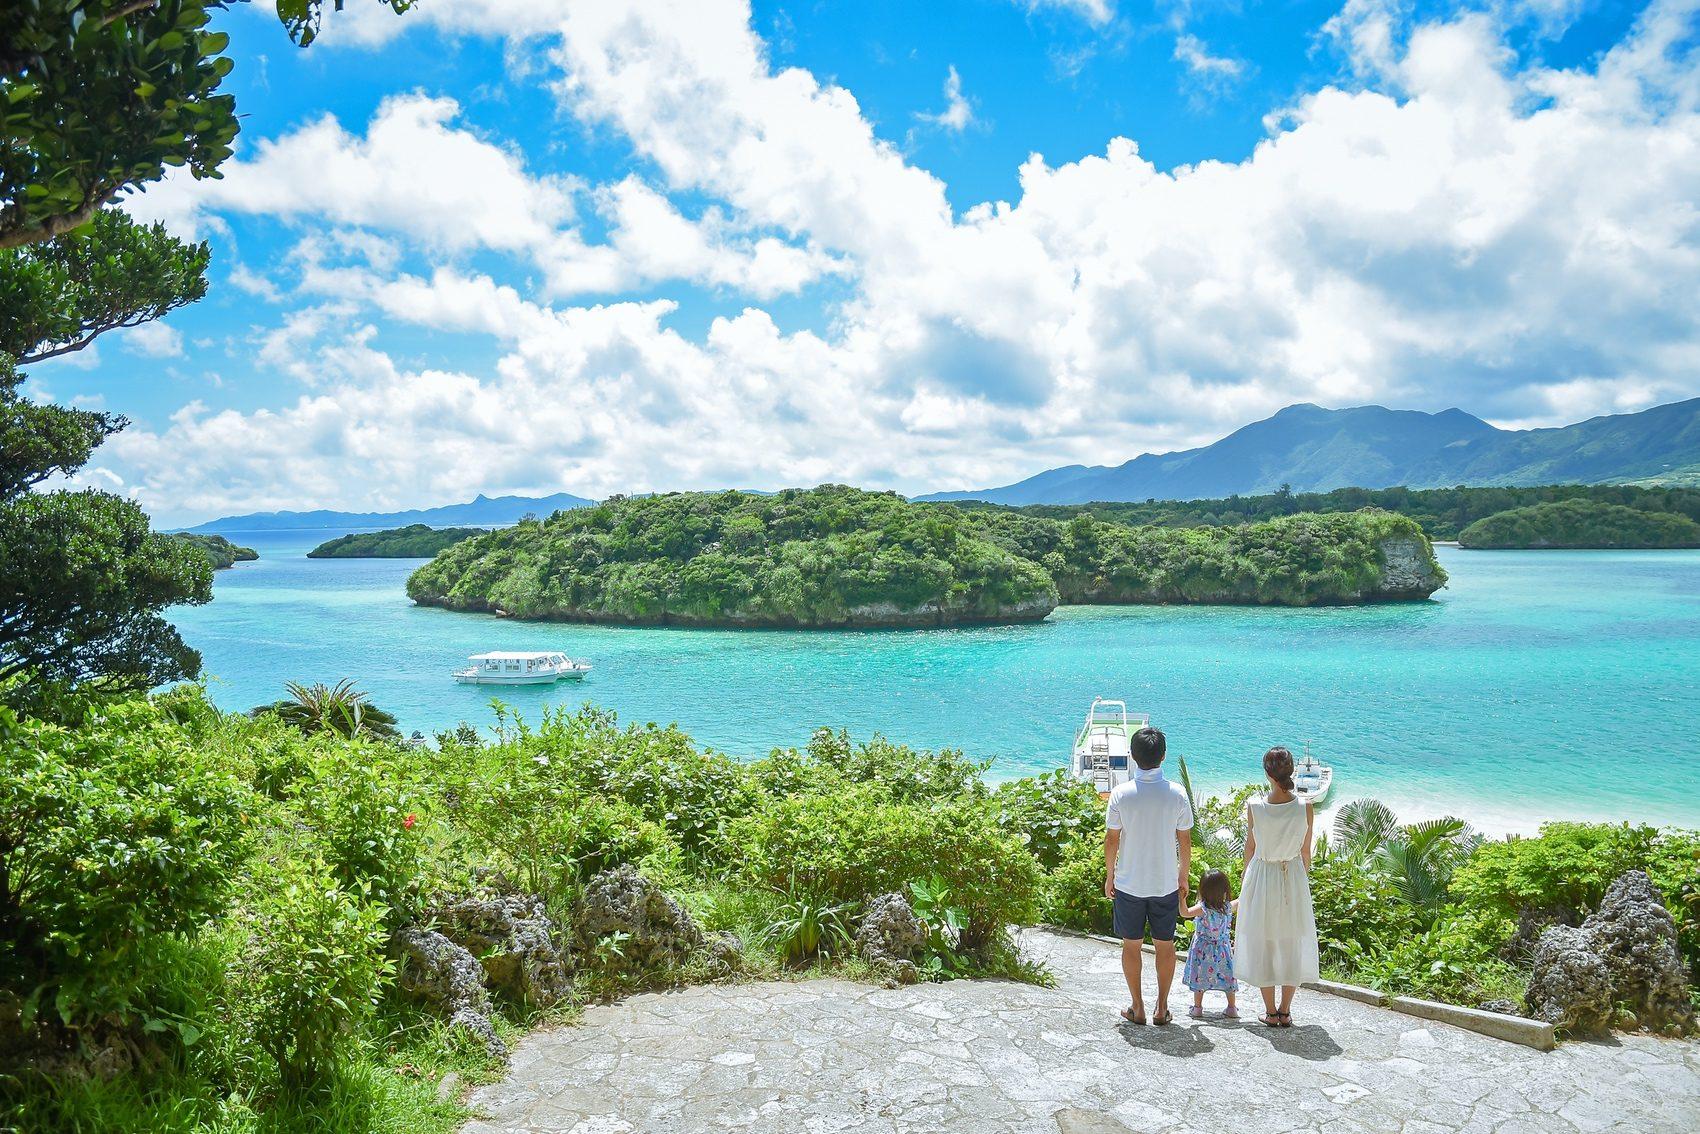 川平湾を眺めるご家族